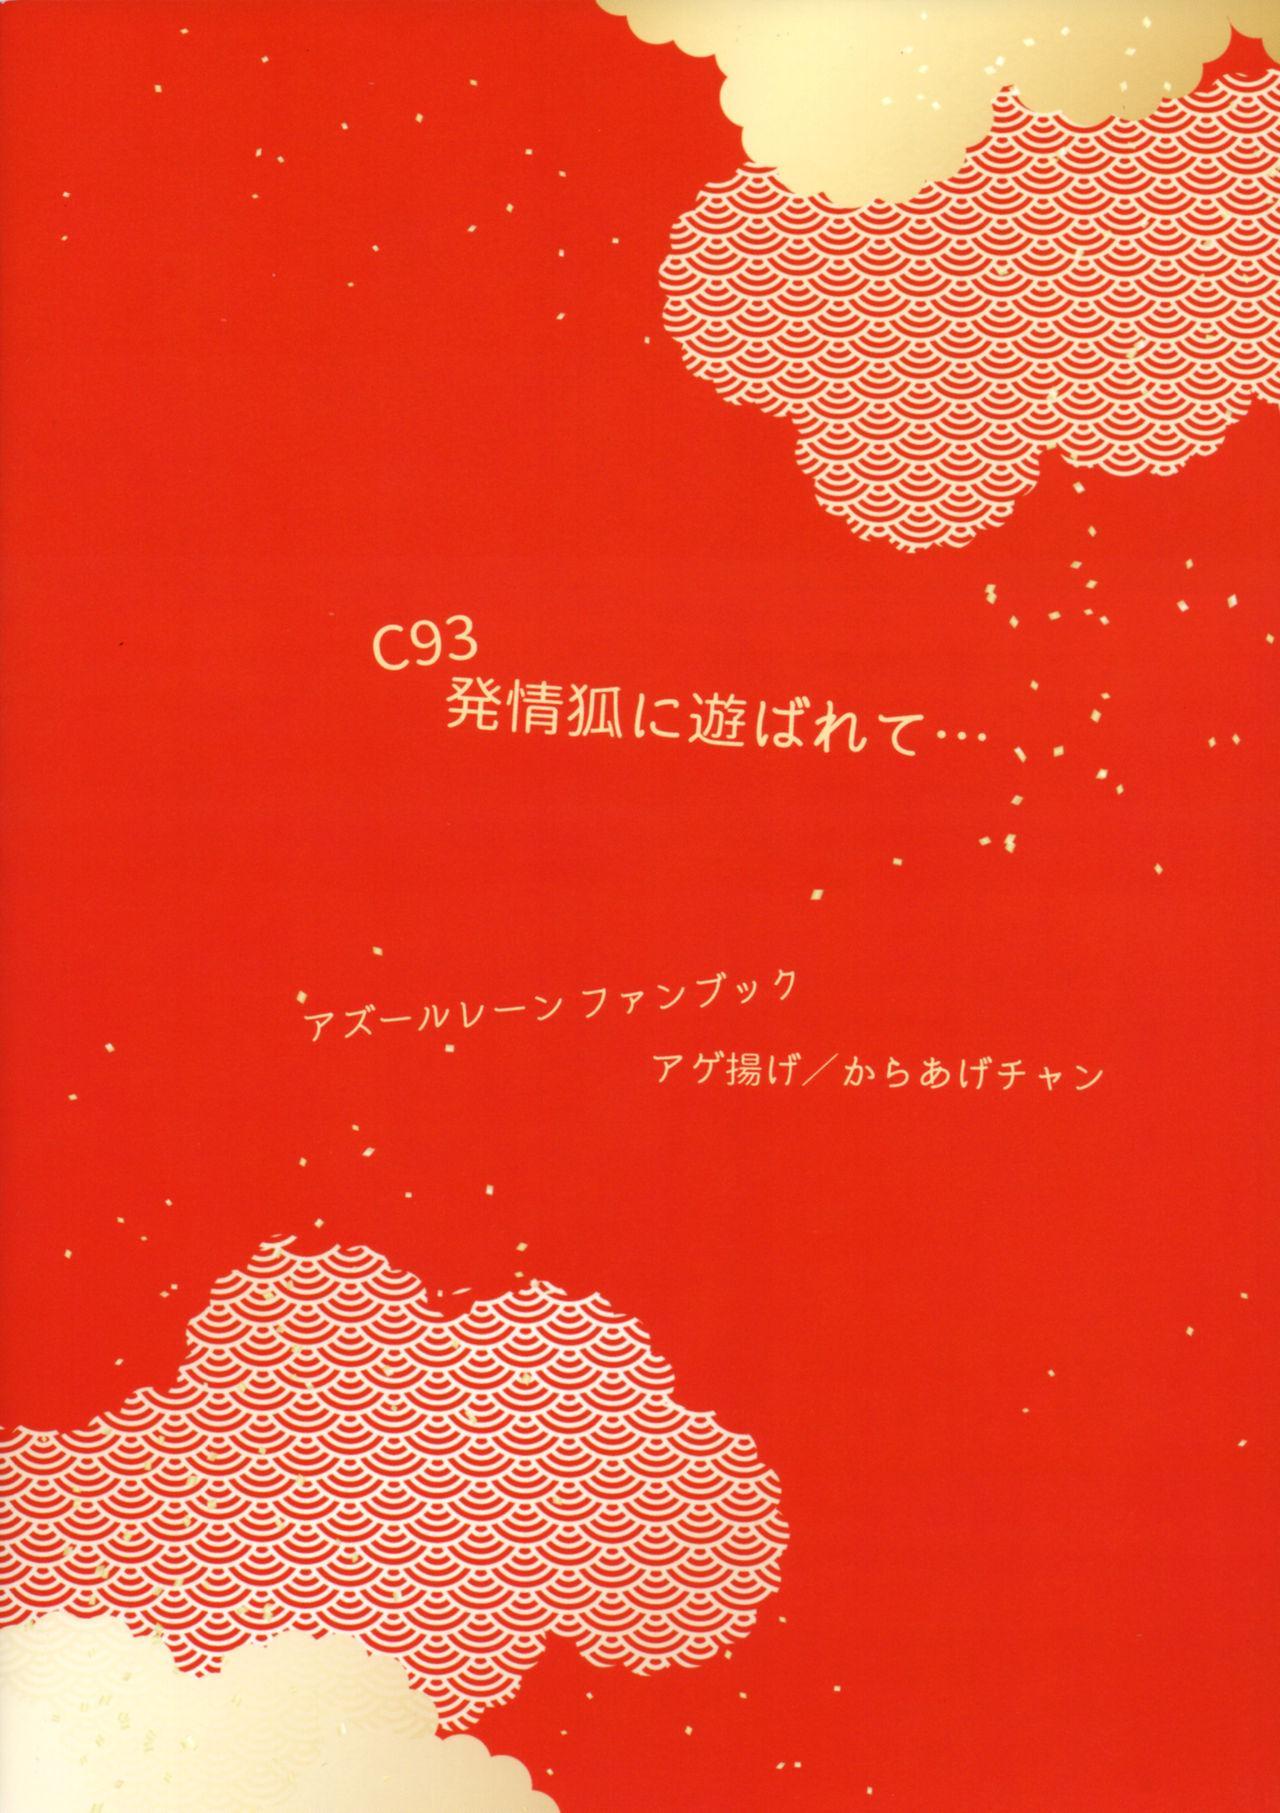 Hatsujou Kitsune ni Asobarete... 20